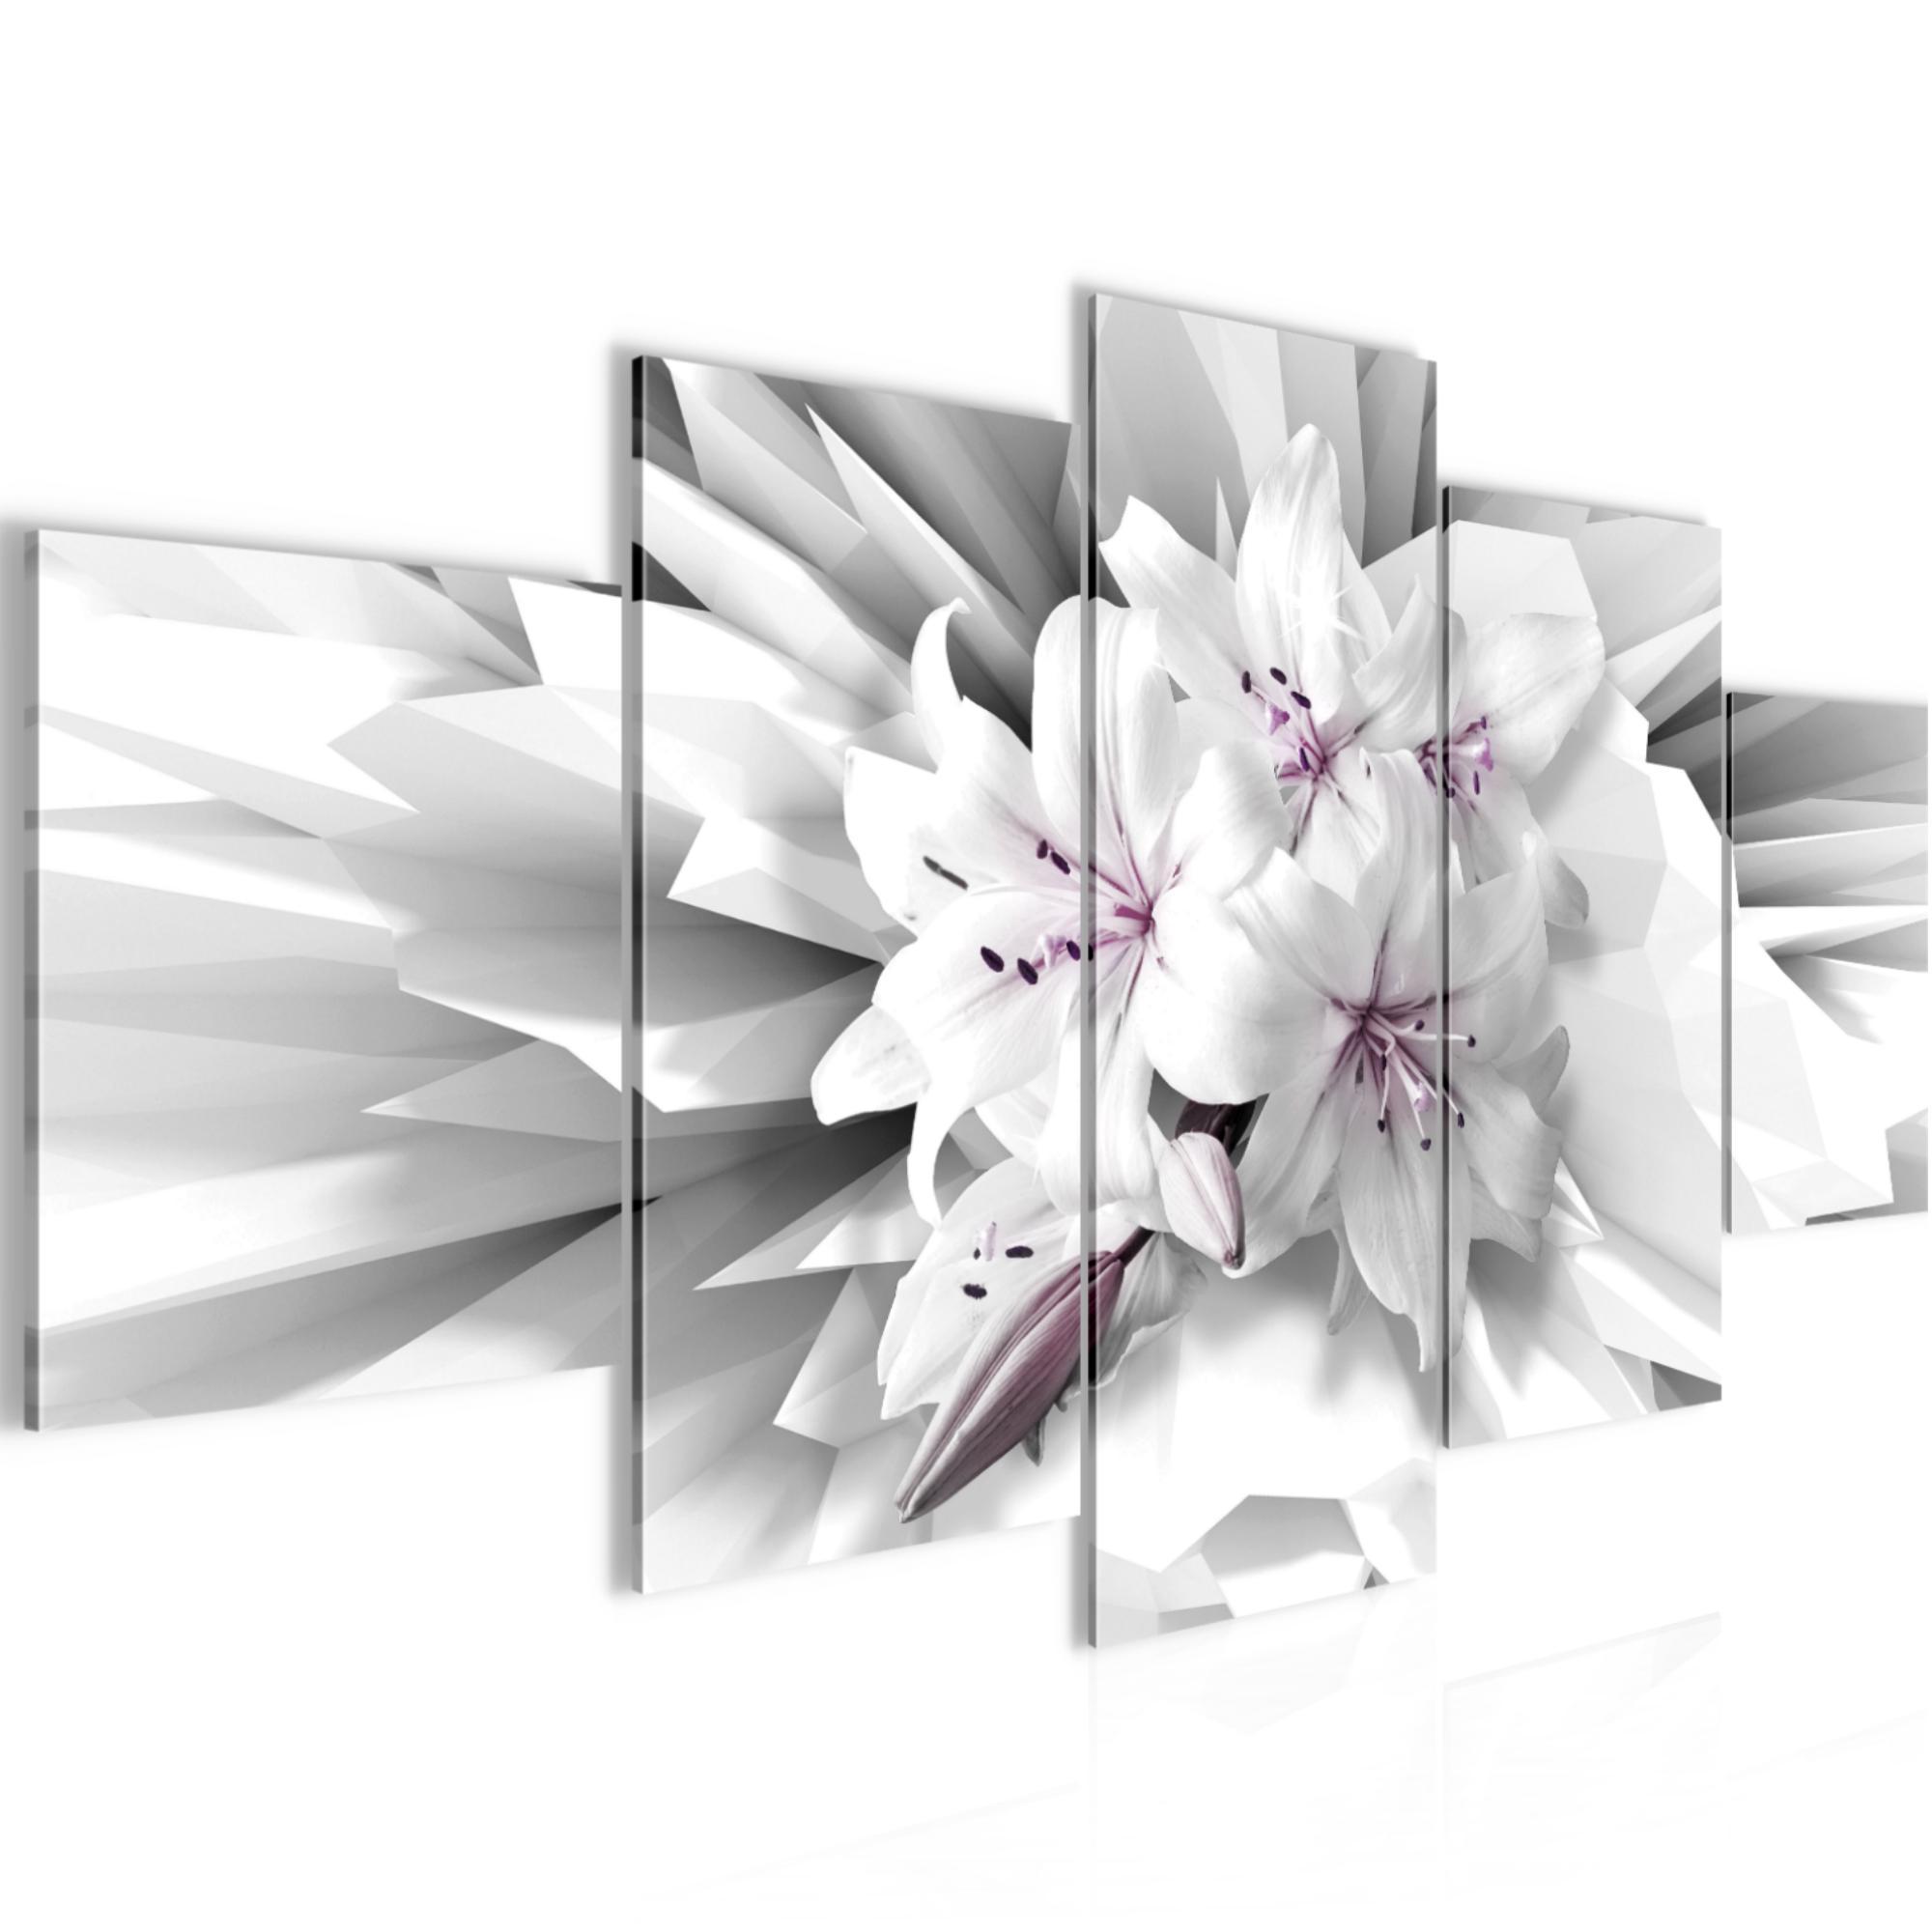 blumen 3d bild kunstdruck auf vlies leinwand xxl dekoration 02515p. Black Bedroom Furniture Sets. Home Design Ideas